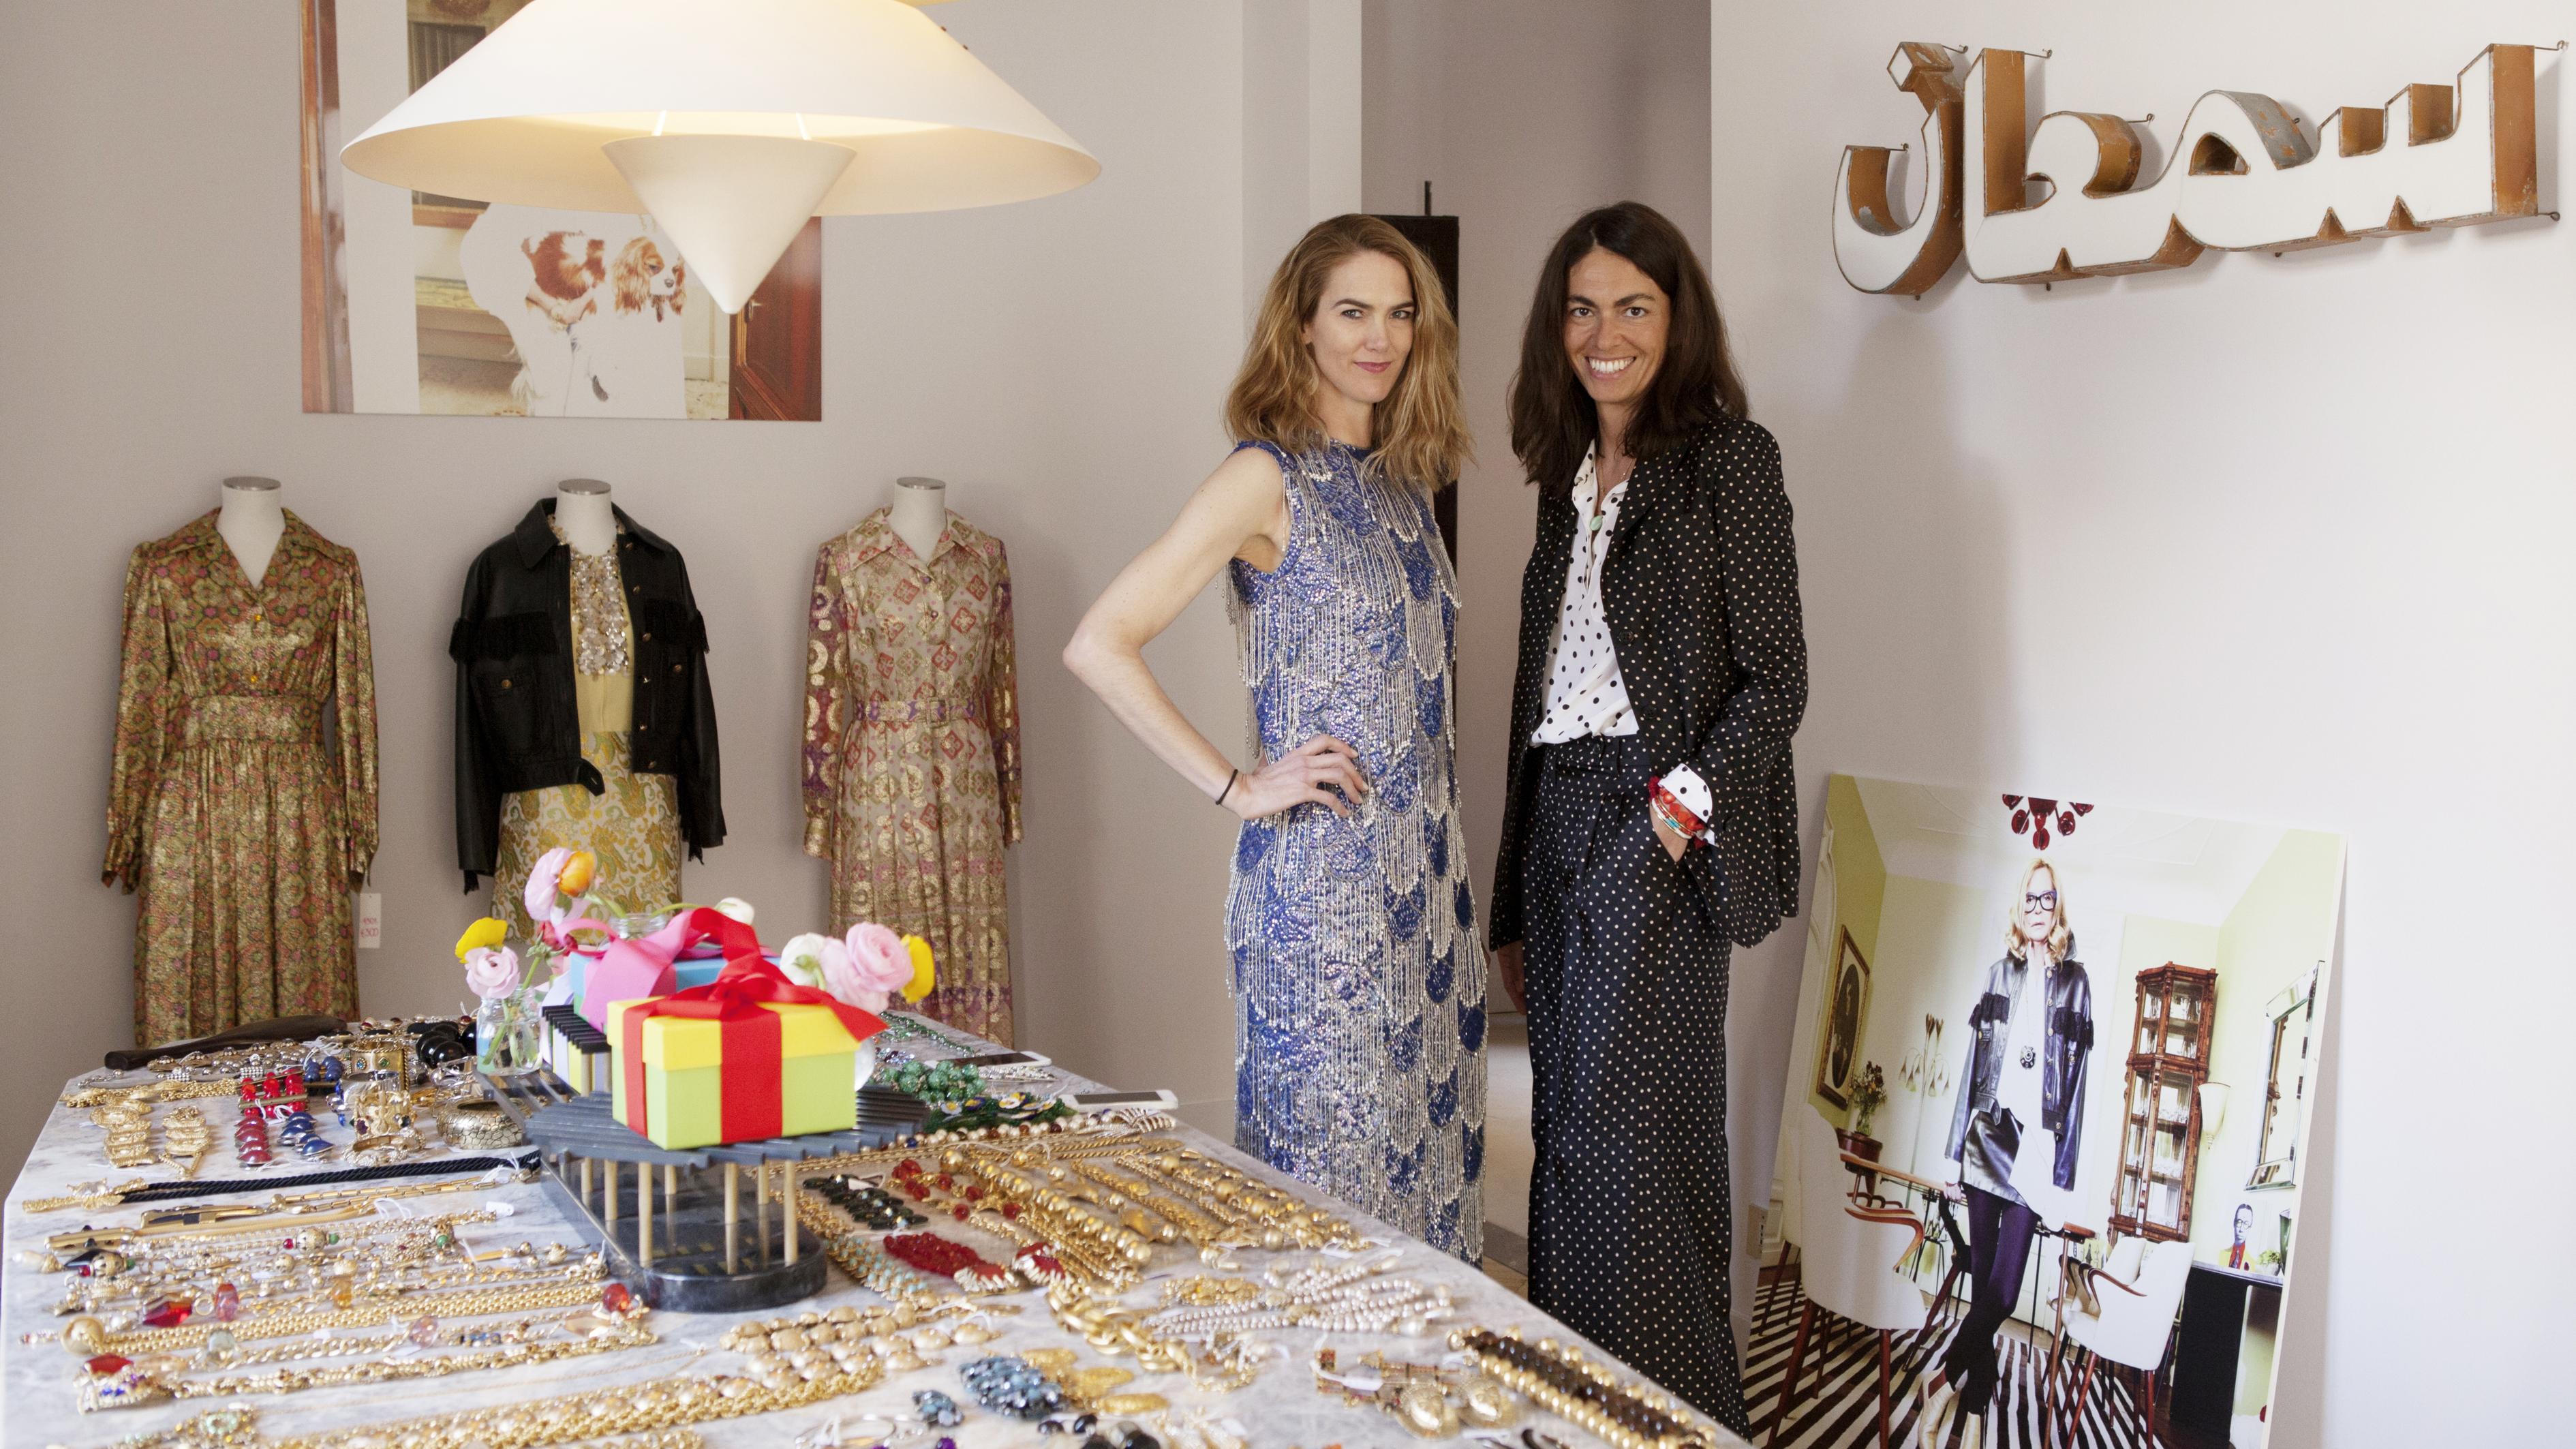 La Double J Pop-Up Shop